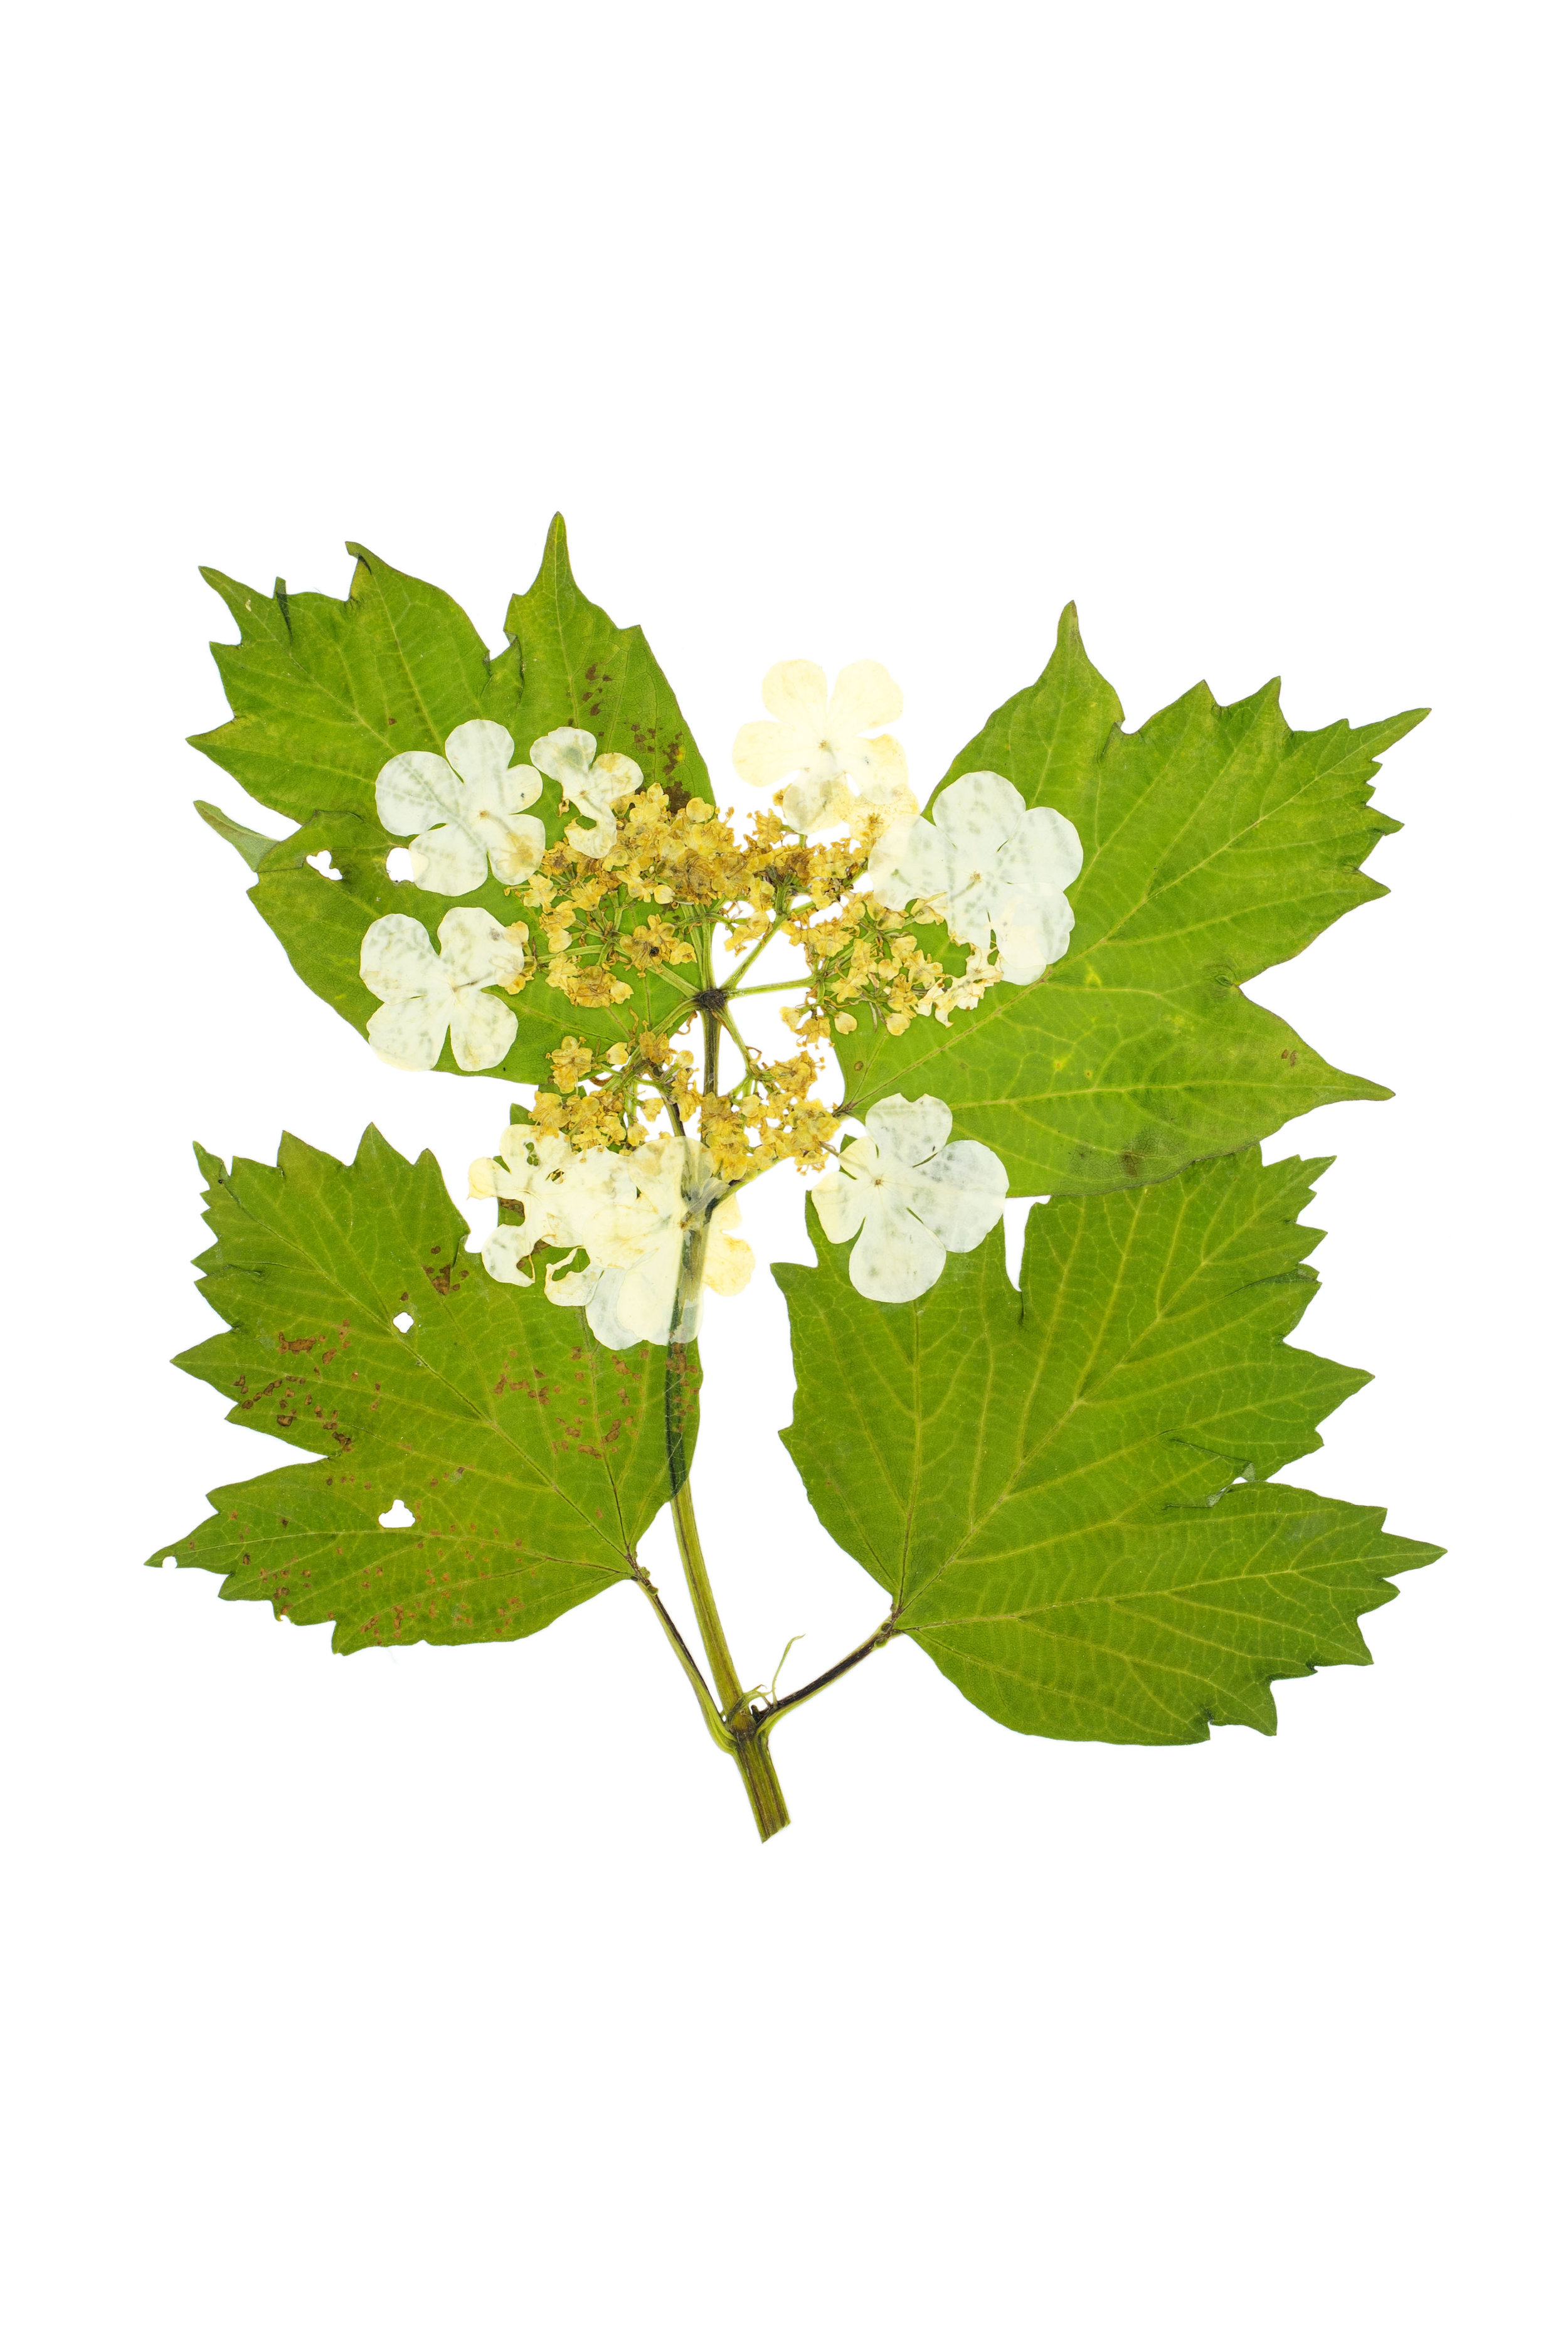 Guelder Rose / Viburnum opulus